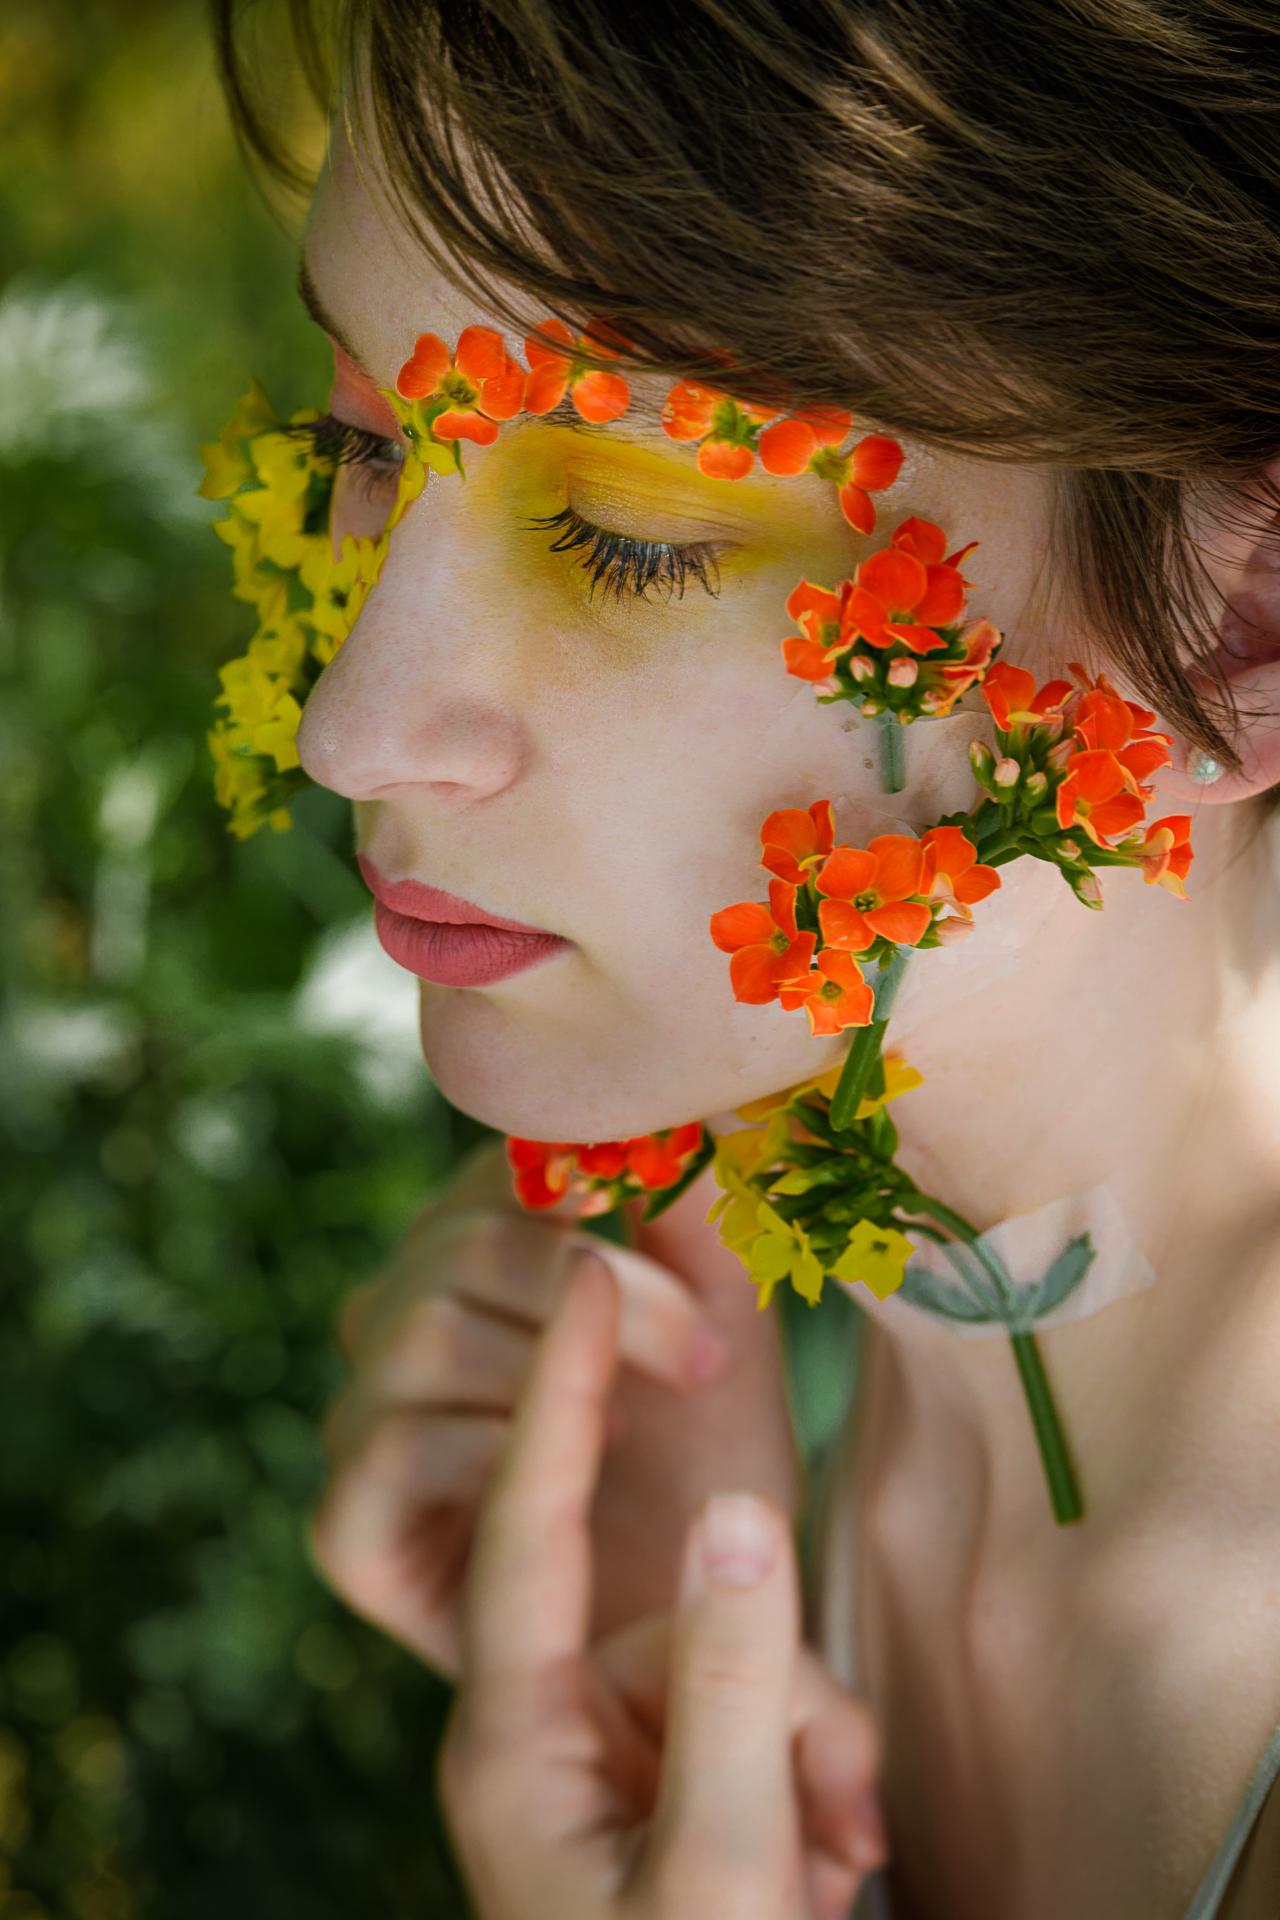 CFrenette-Gabrielle et les fleurs-7-10